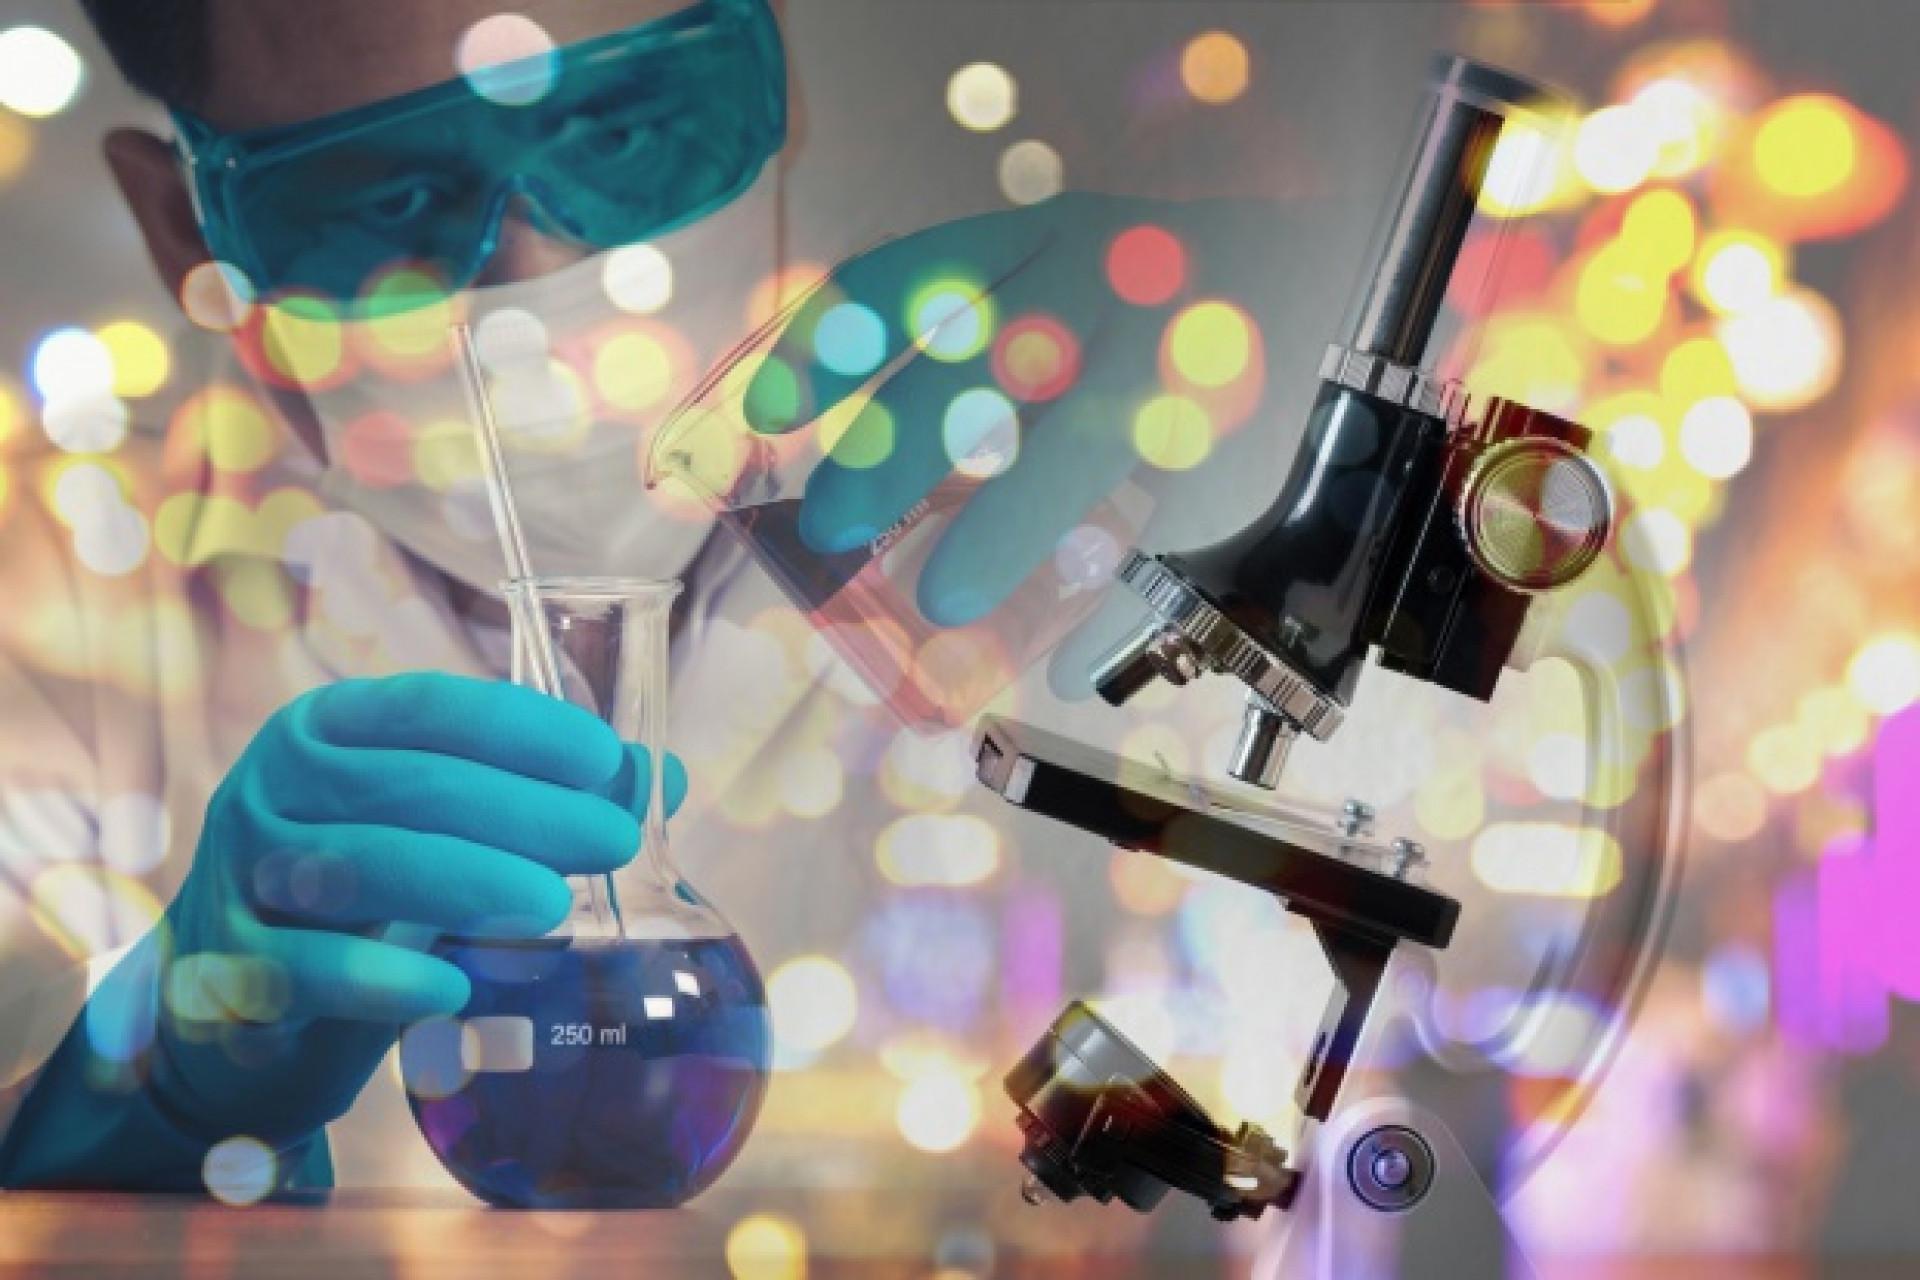 Coraz więcej Polaków zaangażowanych w działalność badawczo-naukową